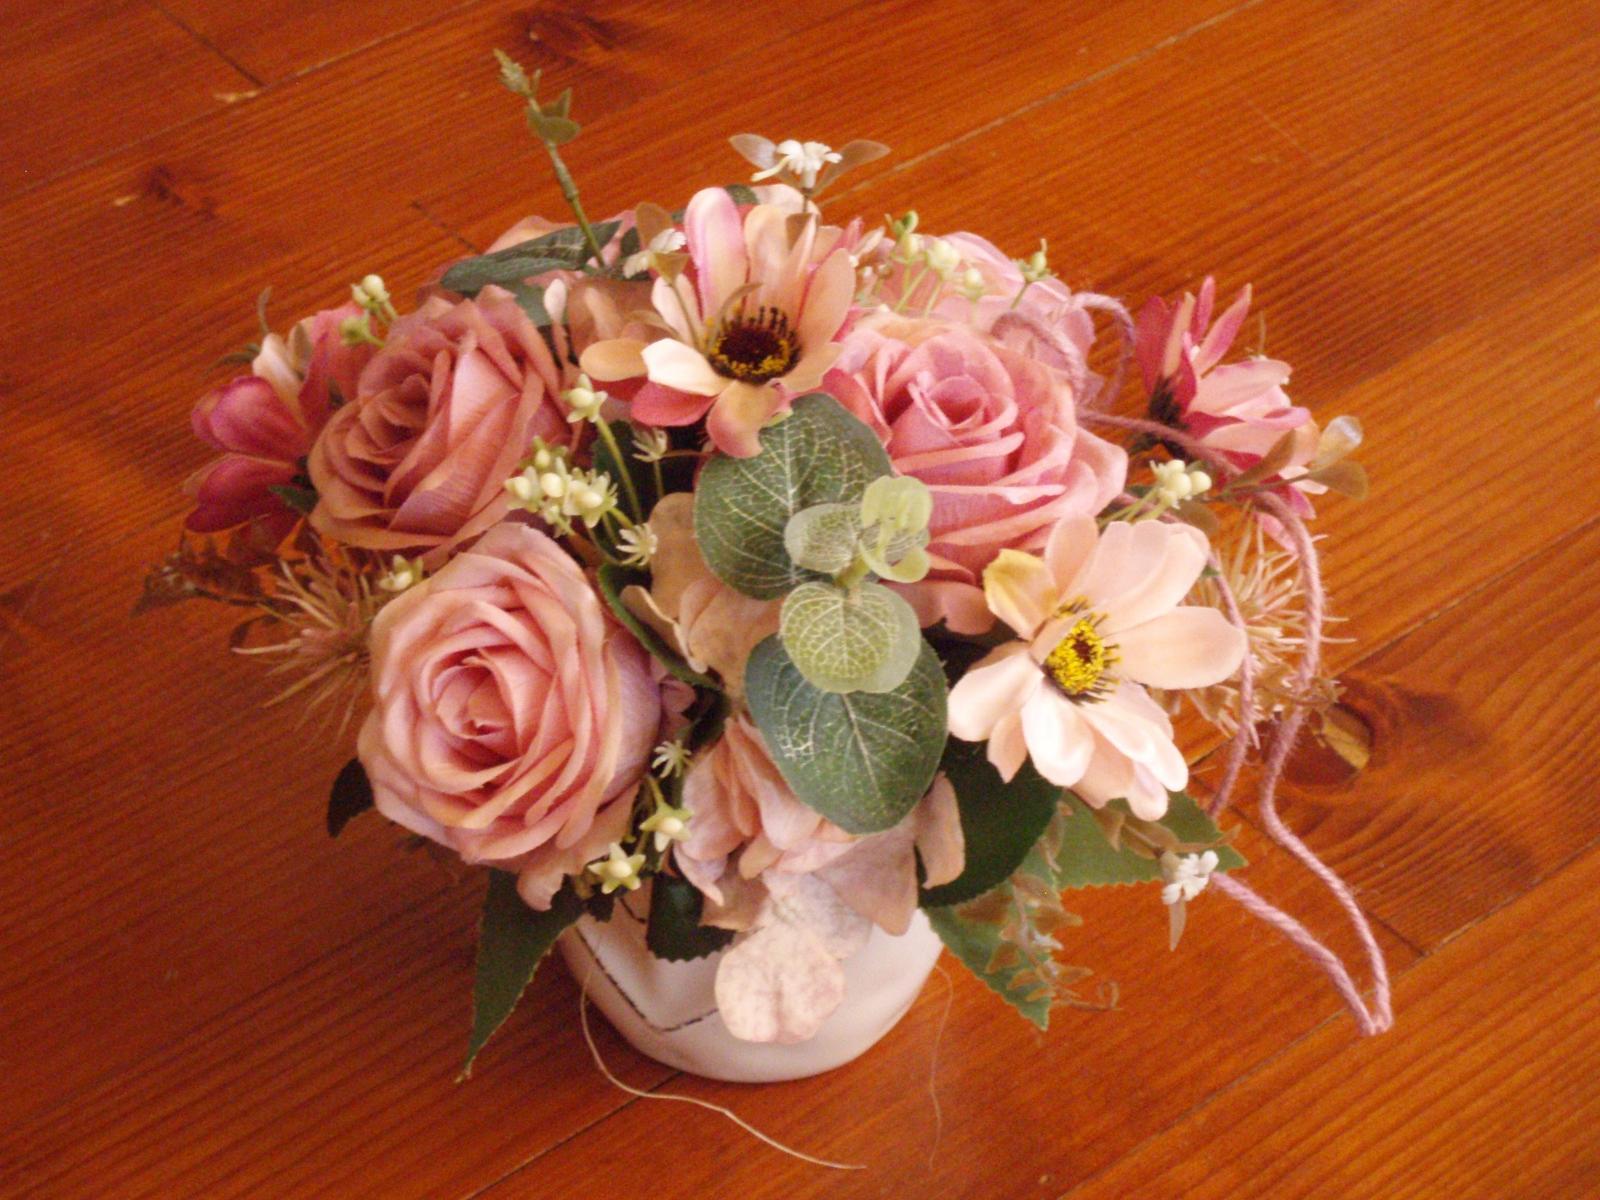 249. Vinatge dekorácia v keramike so srdcom - Obrázok č. 1